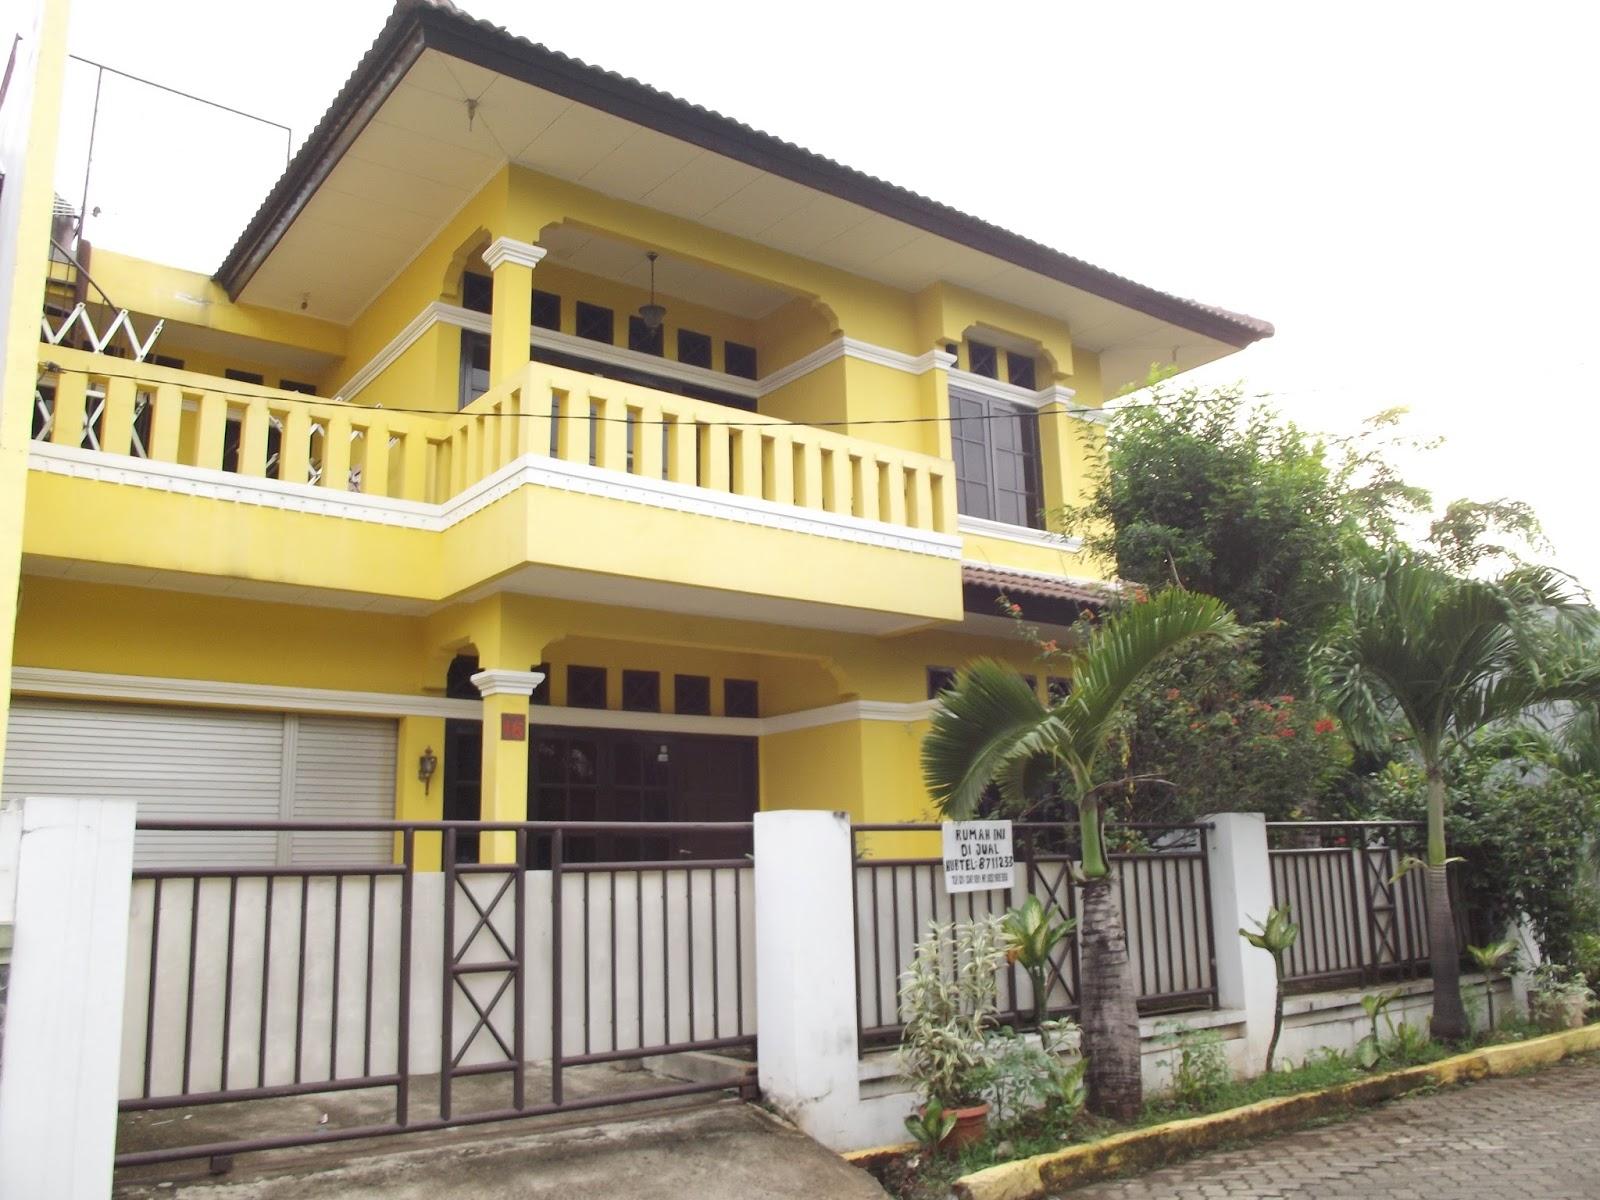 Tentang Kami Website Tips Beli Rumah Jual Rumah Bekas Jogja Tips Membeli Rumah Baru Tips Beli Rumah Subsidi